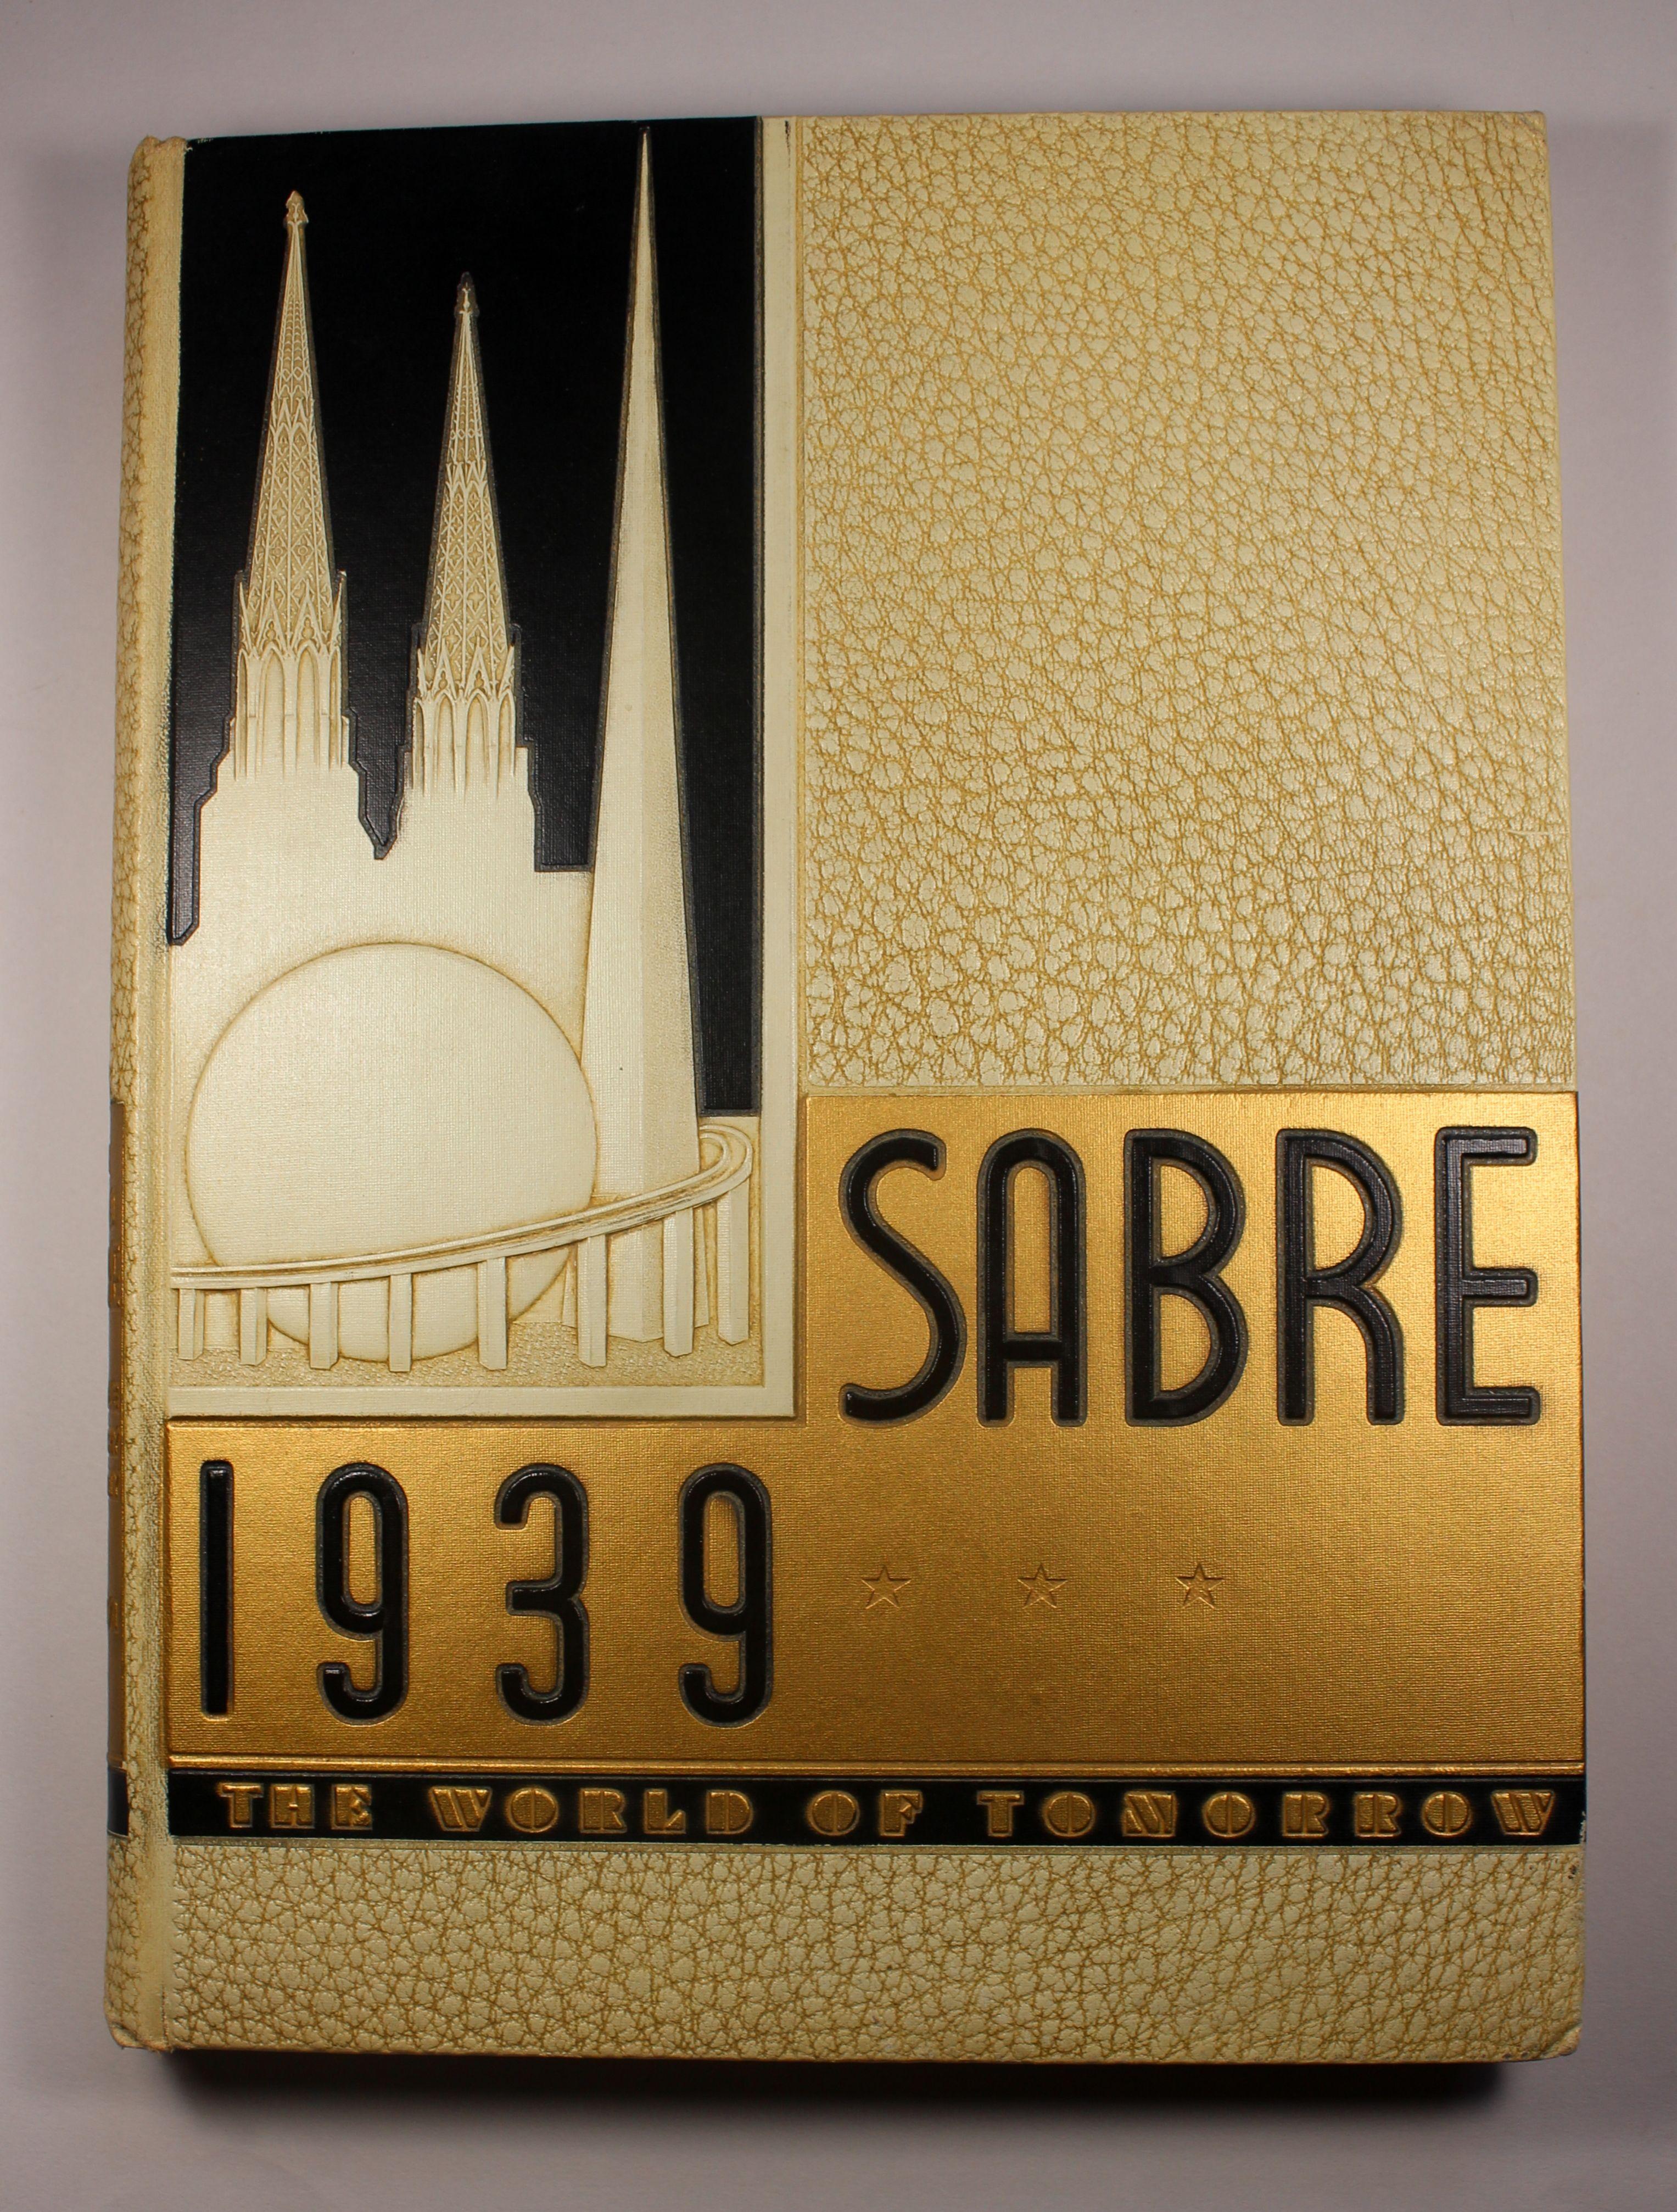 1939 New York World's Fair La Salle Military Academy